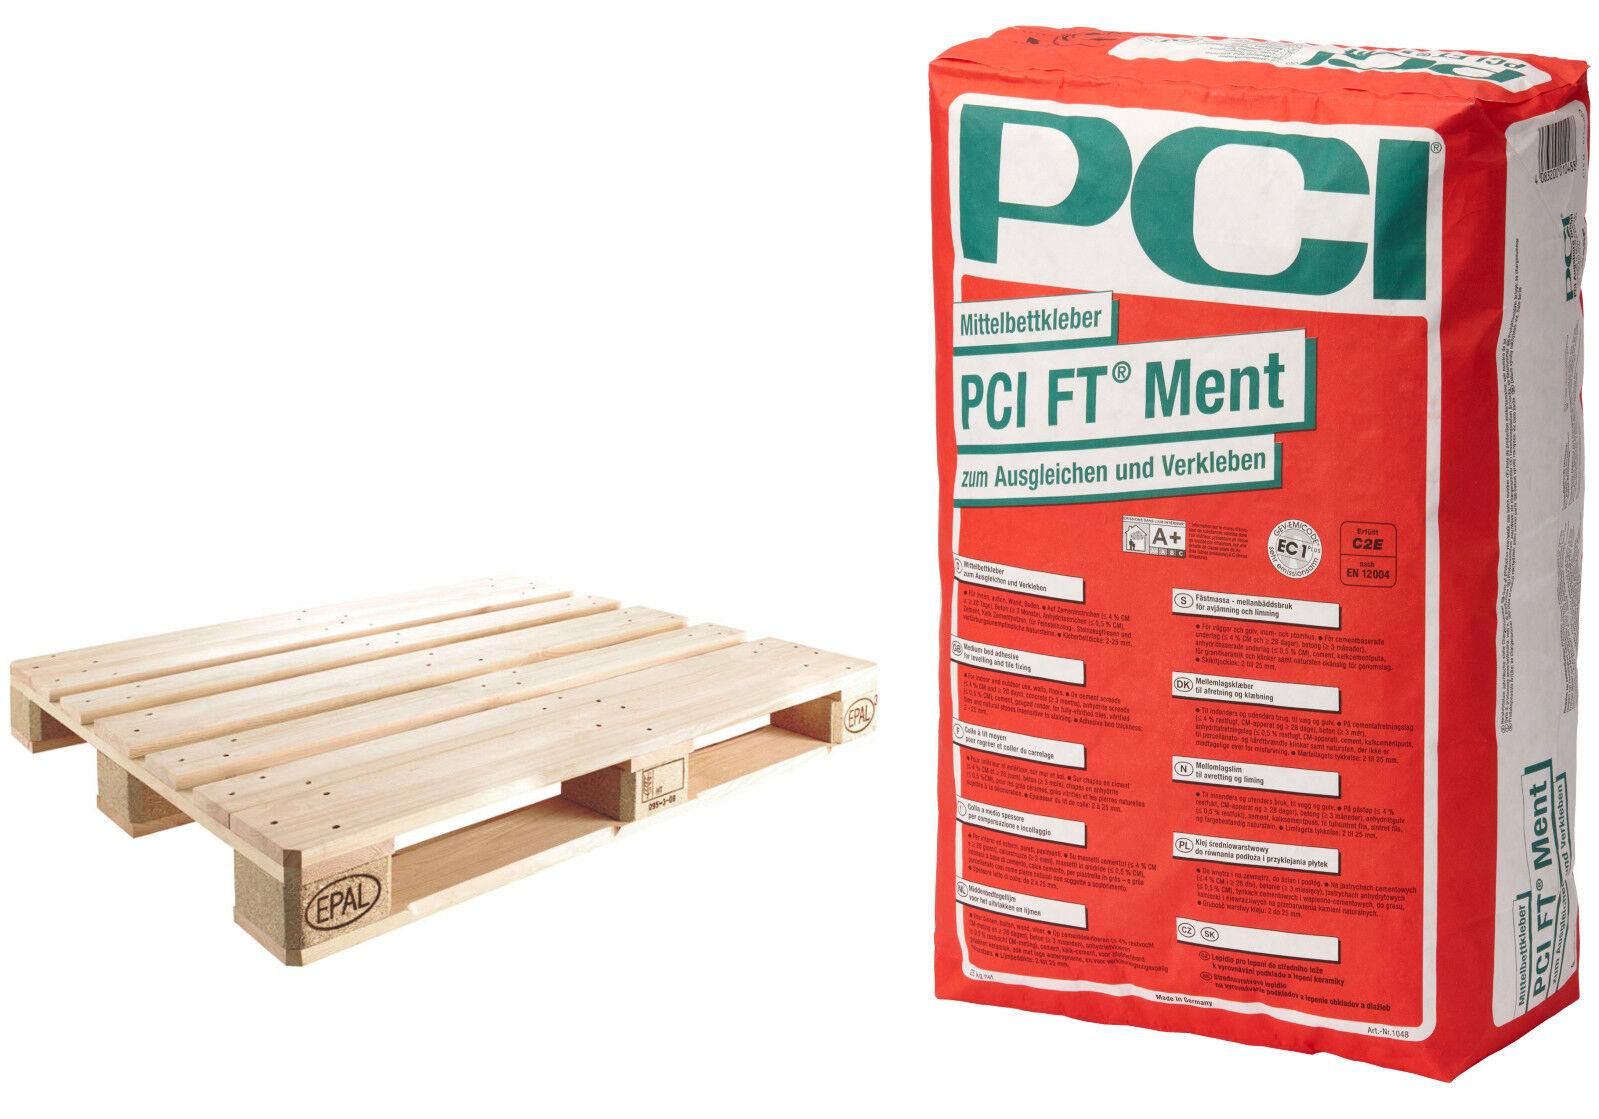 PCI FT Ment 42 x 25 kg ersetzt Midiment für großformatige Platten Fliesen-Kleber